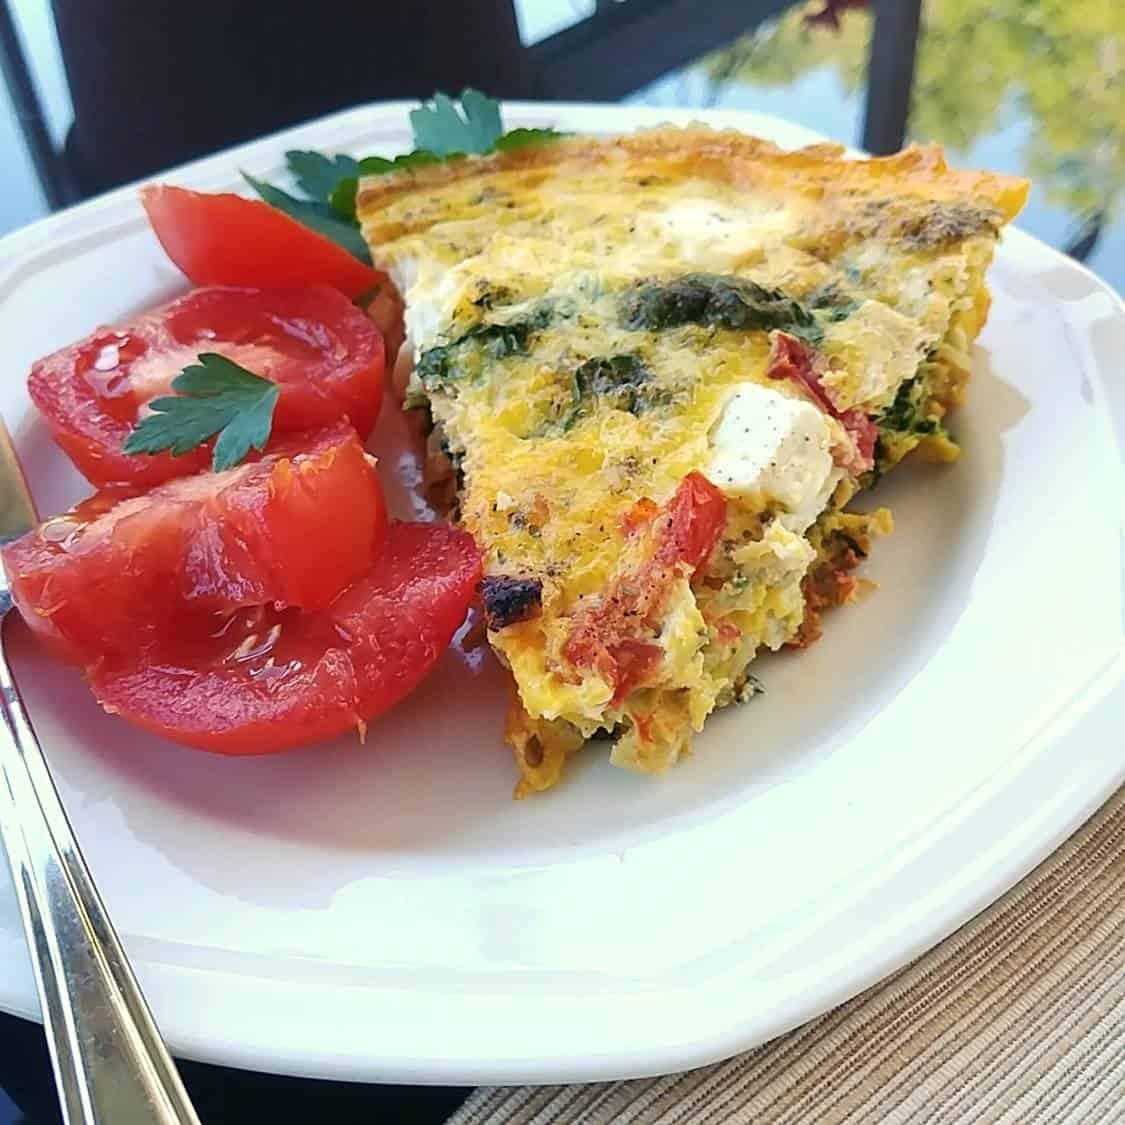 Pointe d'omelette au fromage avec tomates sur table de verre foncé